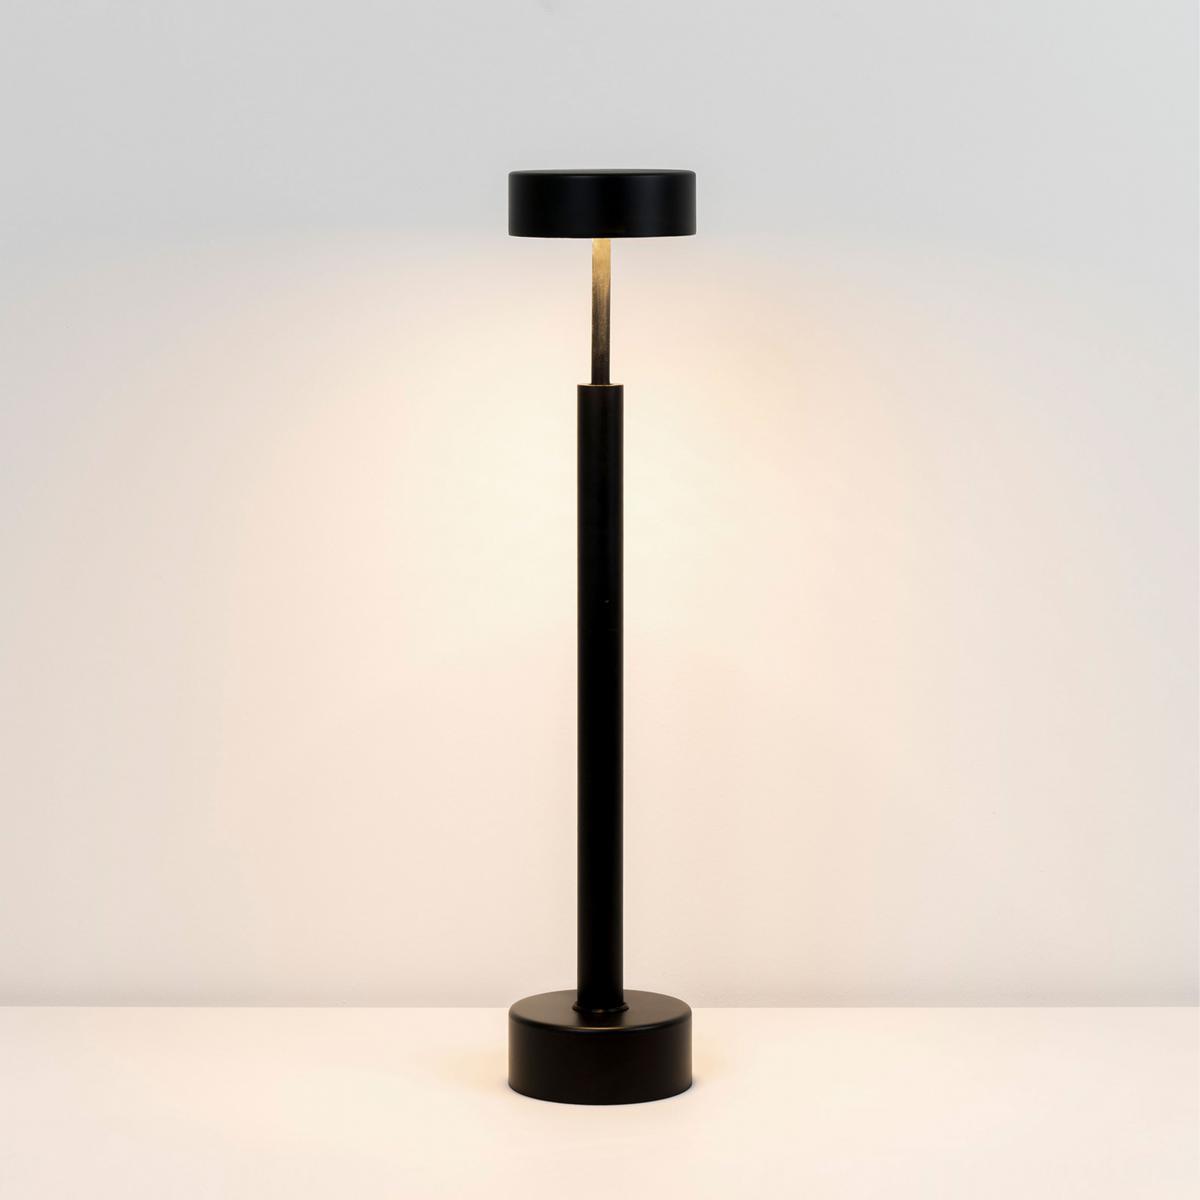 Milan Pic 58 T.Led Lampe de table Laque noire série de pointe